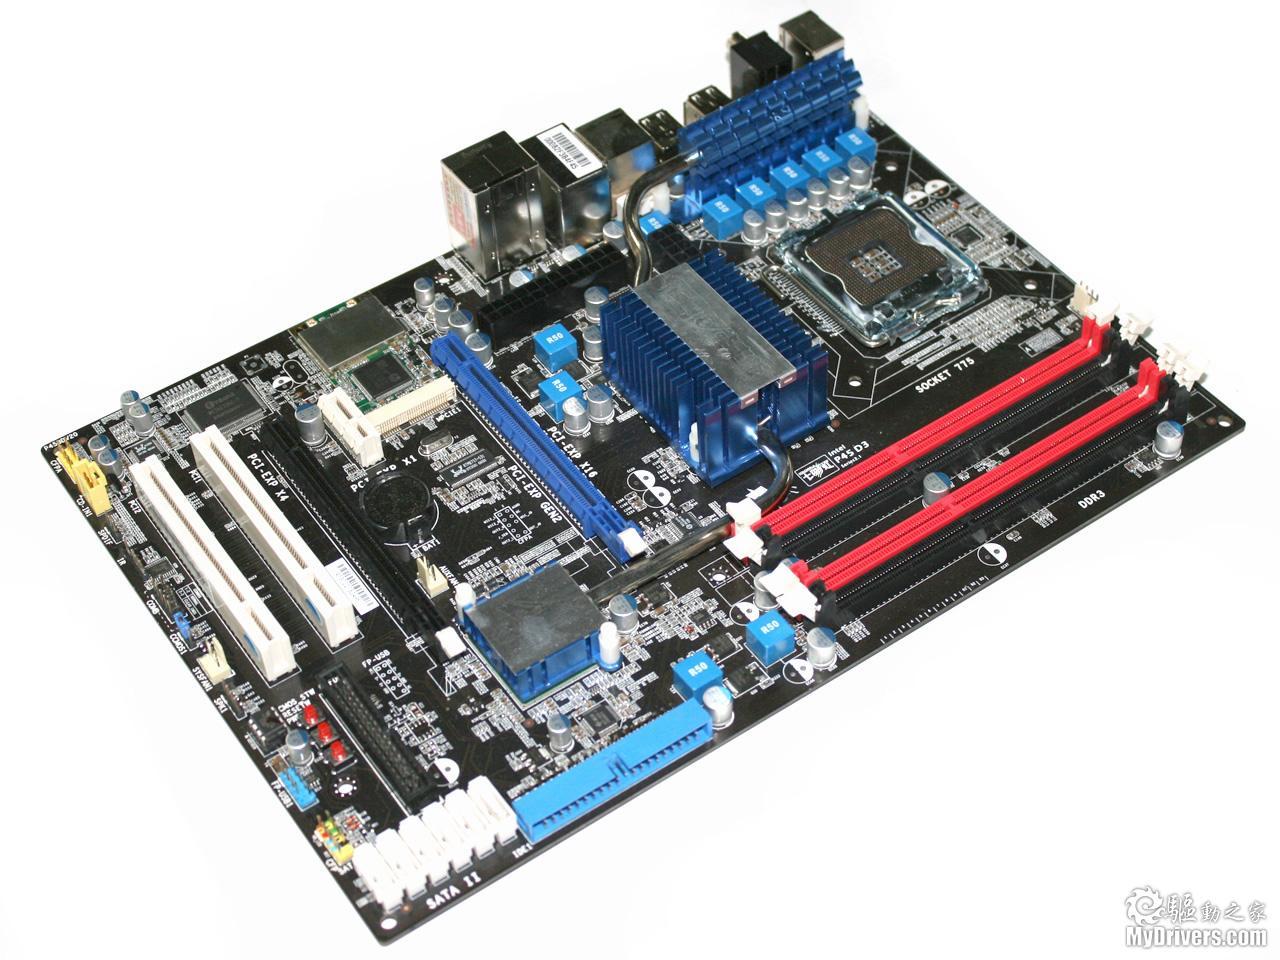 处理器供电部分,主板采用成熟的5相供电设计,另外与d3版最大的不同点